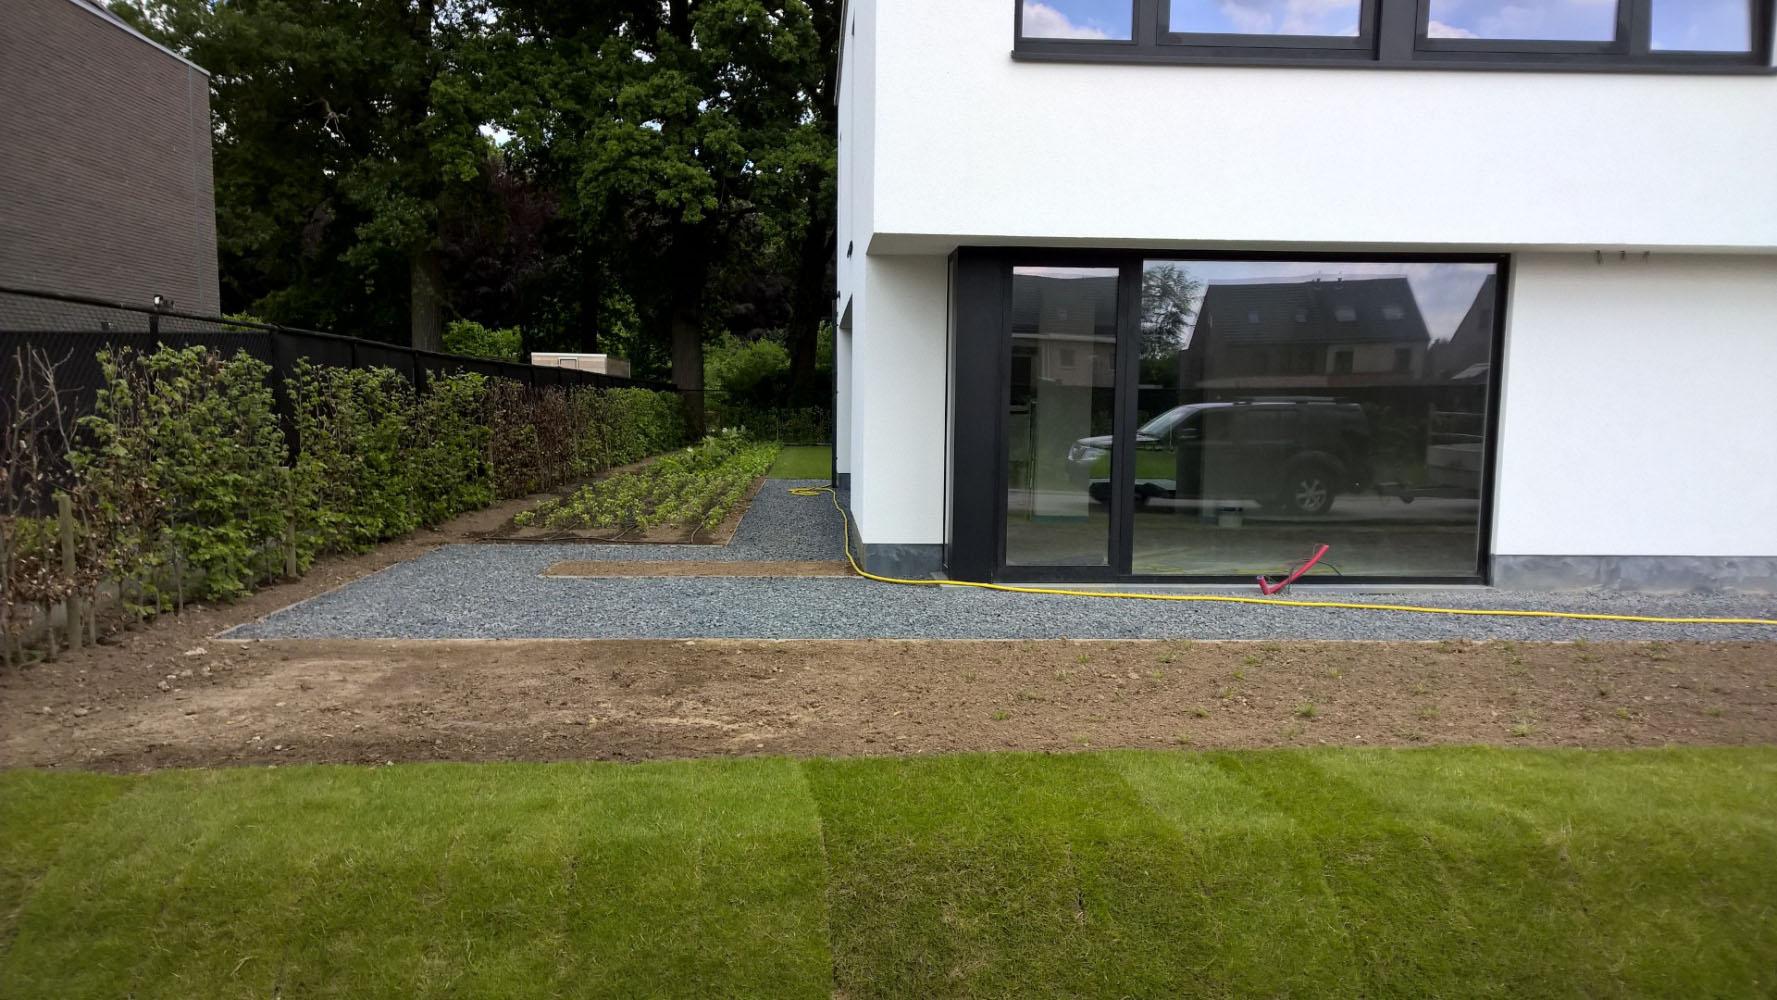 Moderne tuin laten aanleggen moderne tuinen voorbeelden tuin modern - Moderne tuin foto ...